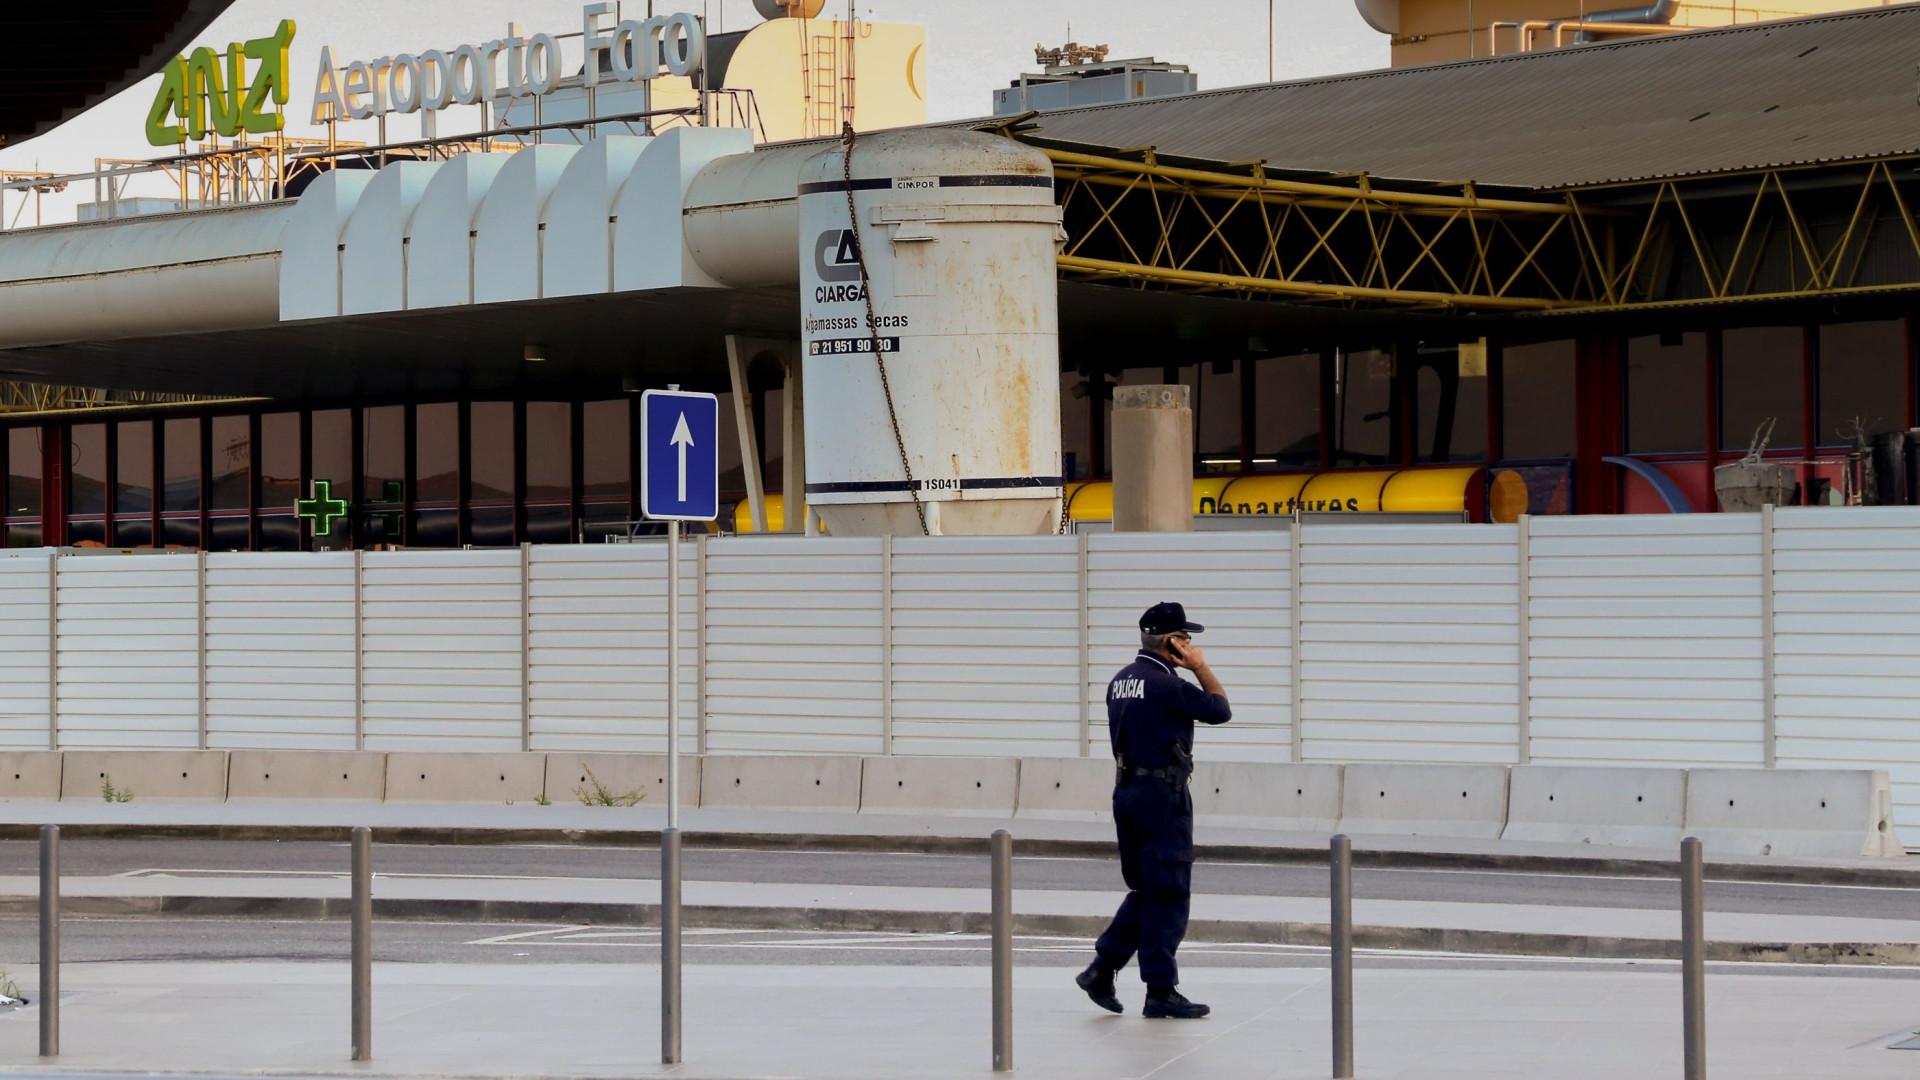 Jovem de 15 anos morre atropelada perto do aeroporto de Faro